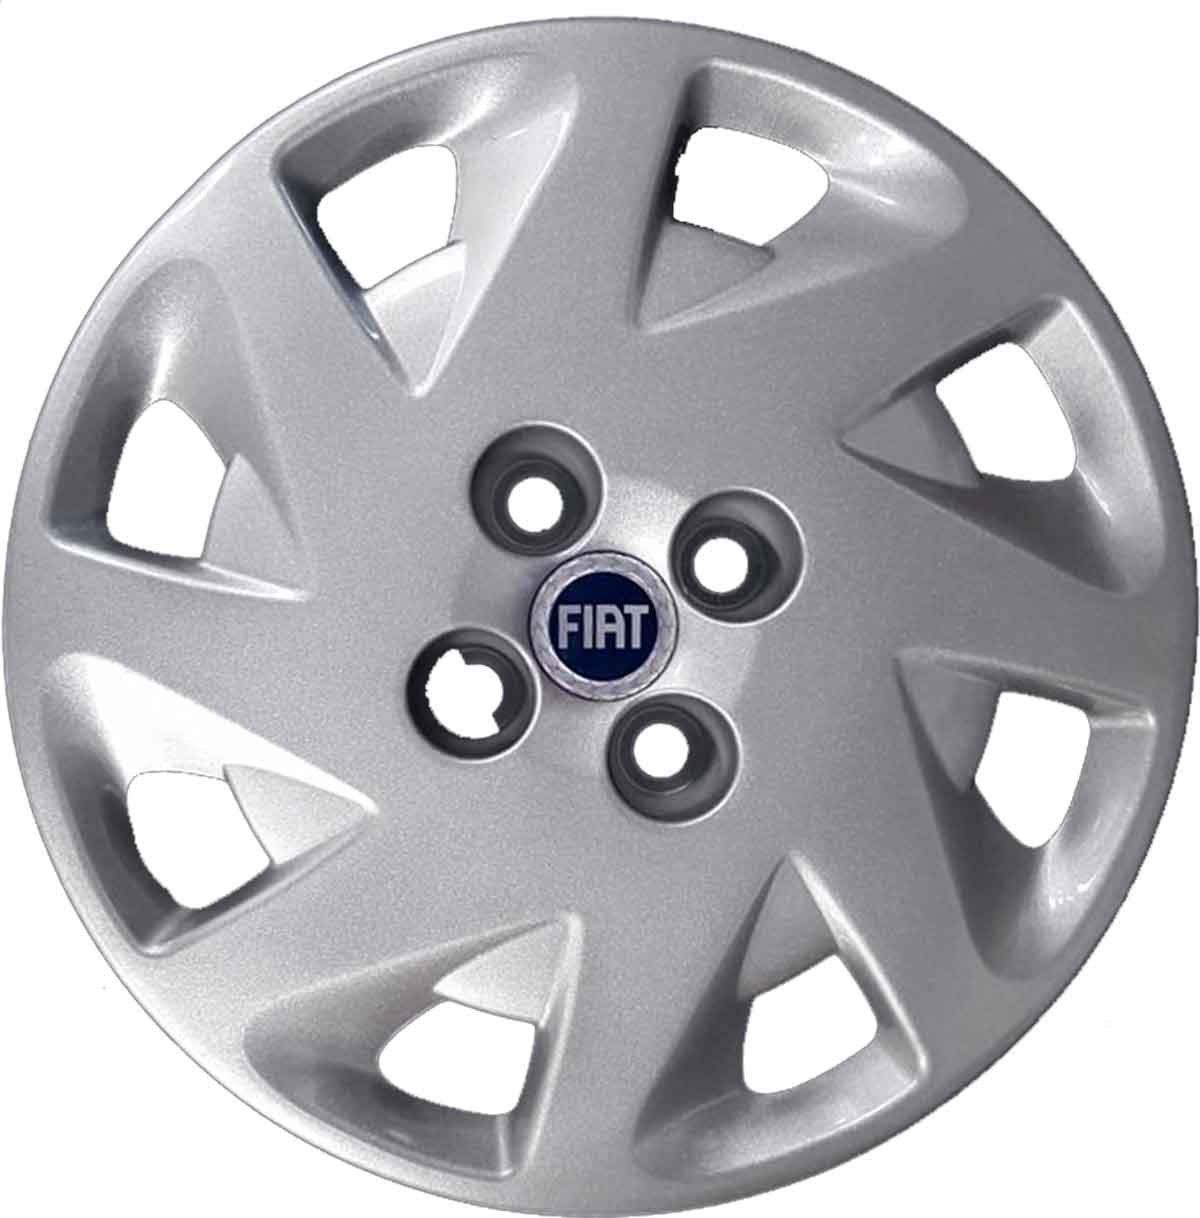 Aftermarket - Juego de 4 tapacubos para ruedas de 14 pulgadas (35,56 cm) - Para Fiat Punto a partir del 1999 - Logotipo de color azul (producto no ...